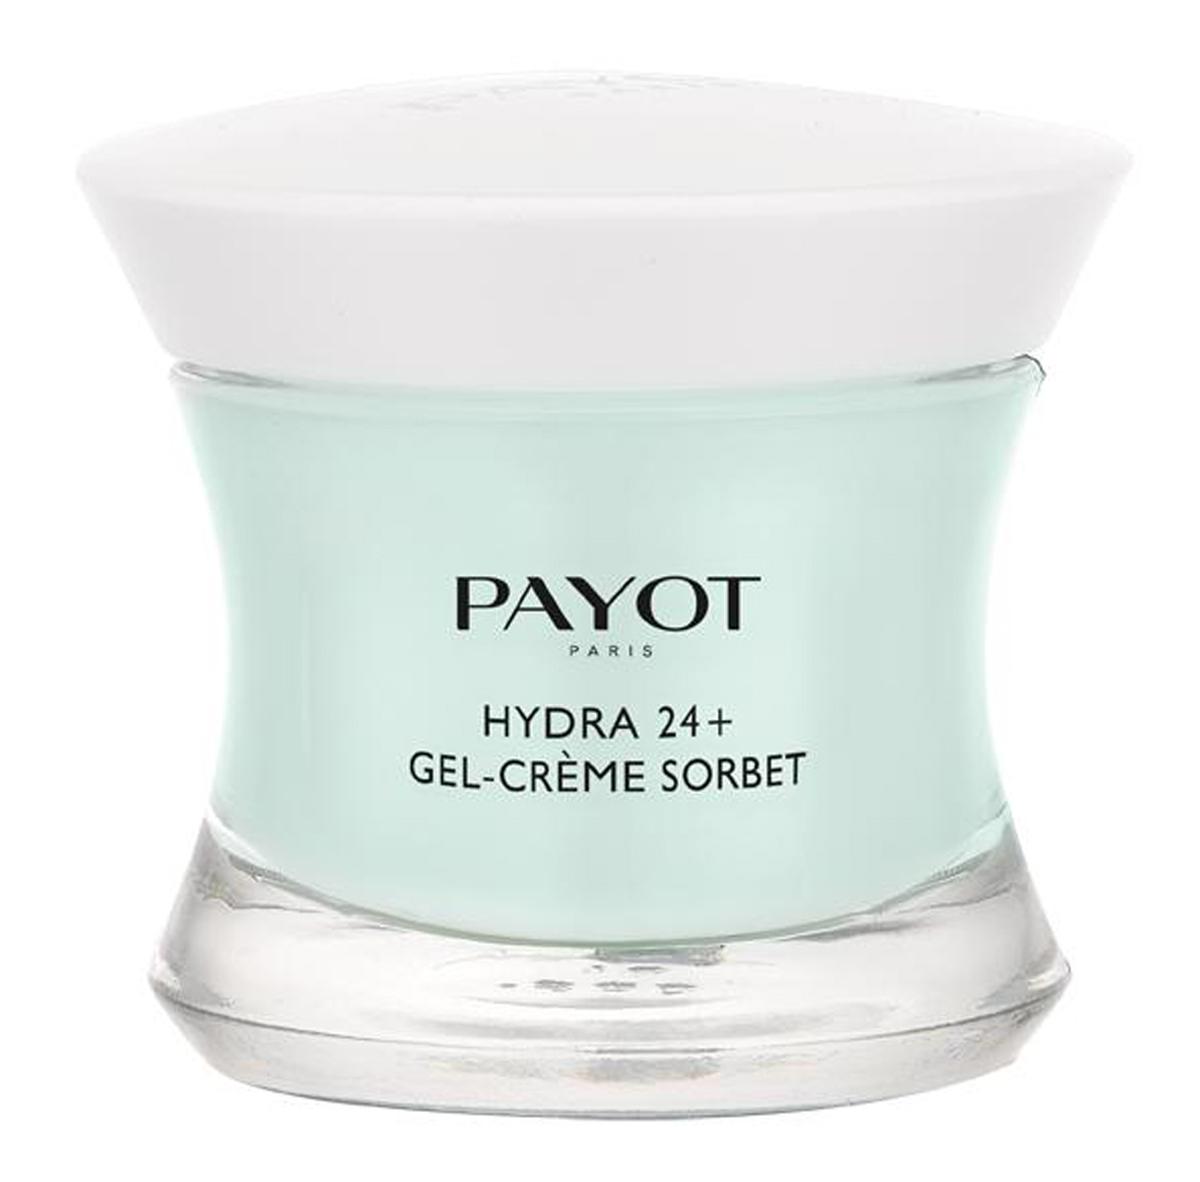 Payot Hydra 24+ Увлажняющий крем-гель, возвращающий контур коже, 50 мл65108984Увлажняющий крем-гель для нормальной и склонной к жирности кожи прекрасно увлажняет, предотвращает преждевременное старение и защищает от внешних агрессивных факторов.Наносите крем утром и вечером на предварительно очищенную кожу лица или шеи.